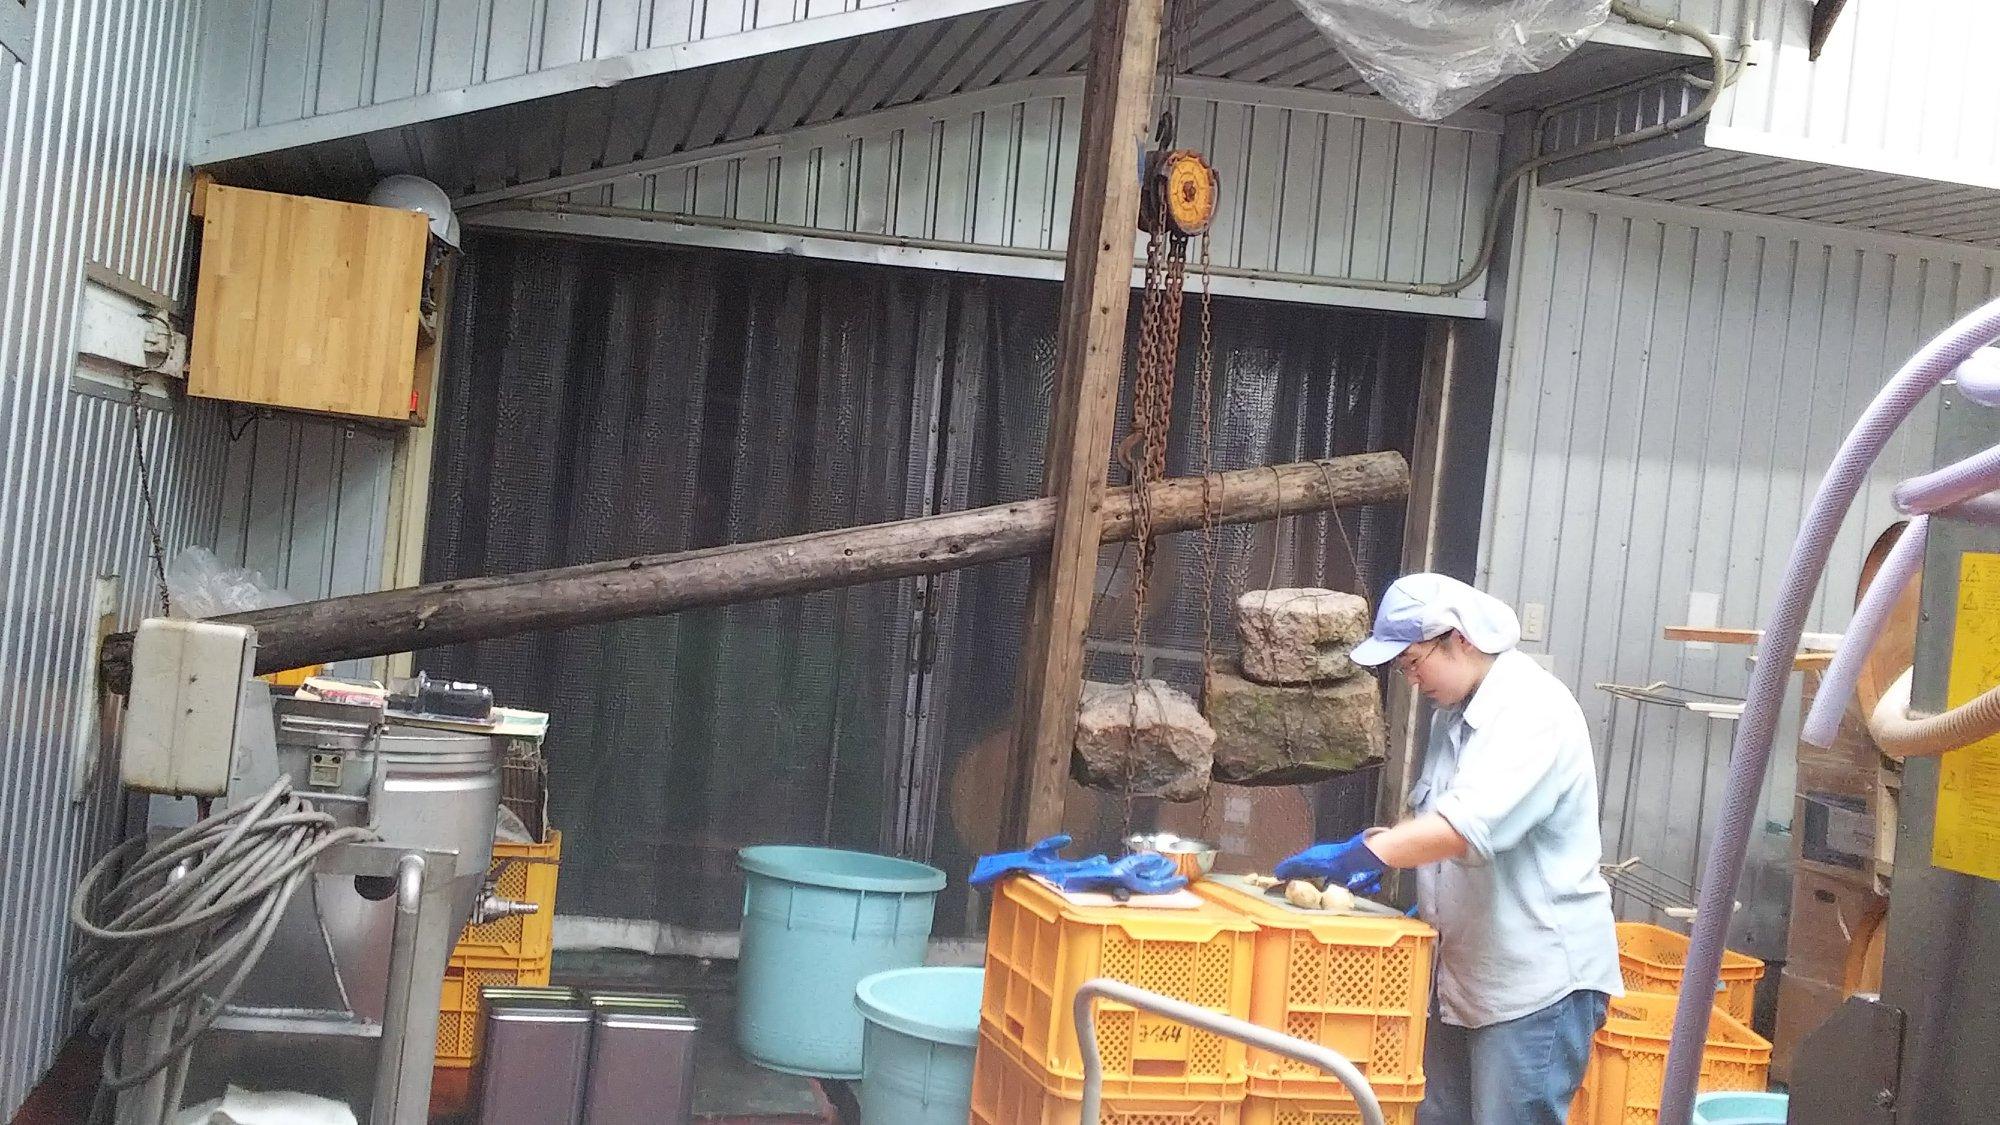 カタシモワイナリー加工中の従業員さん